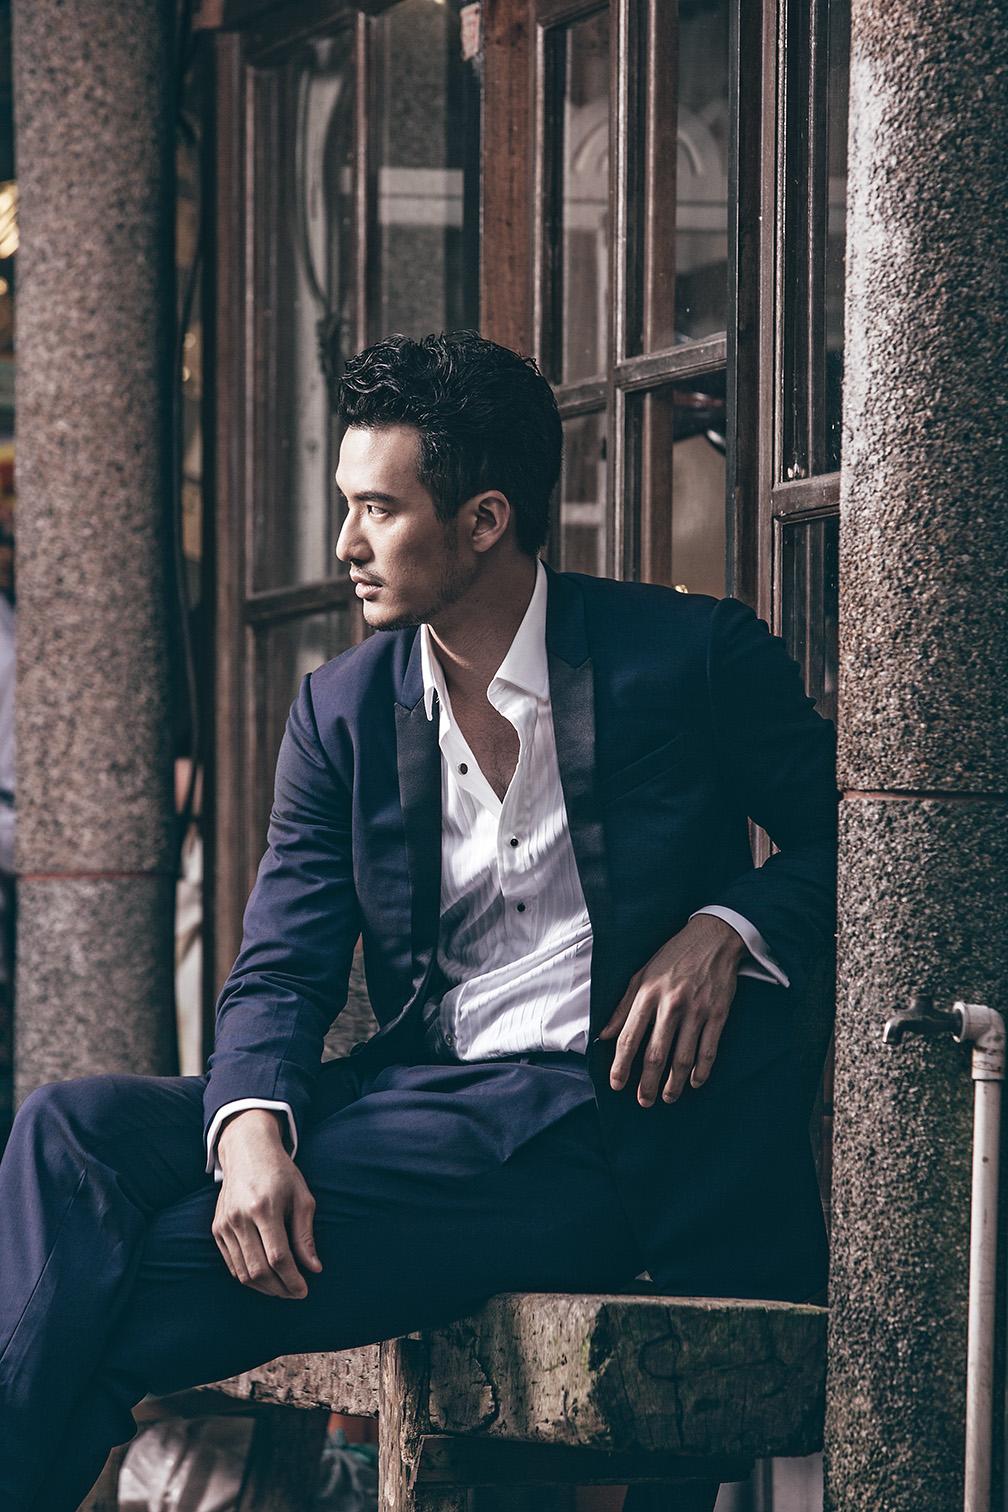 一席亮眼的服裝是紳士的必備要素,色彩獨特的藍色西裝,特殊的布料讓男人一點也不無聊。